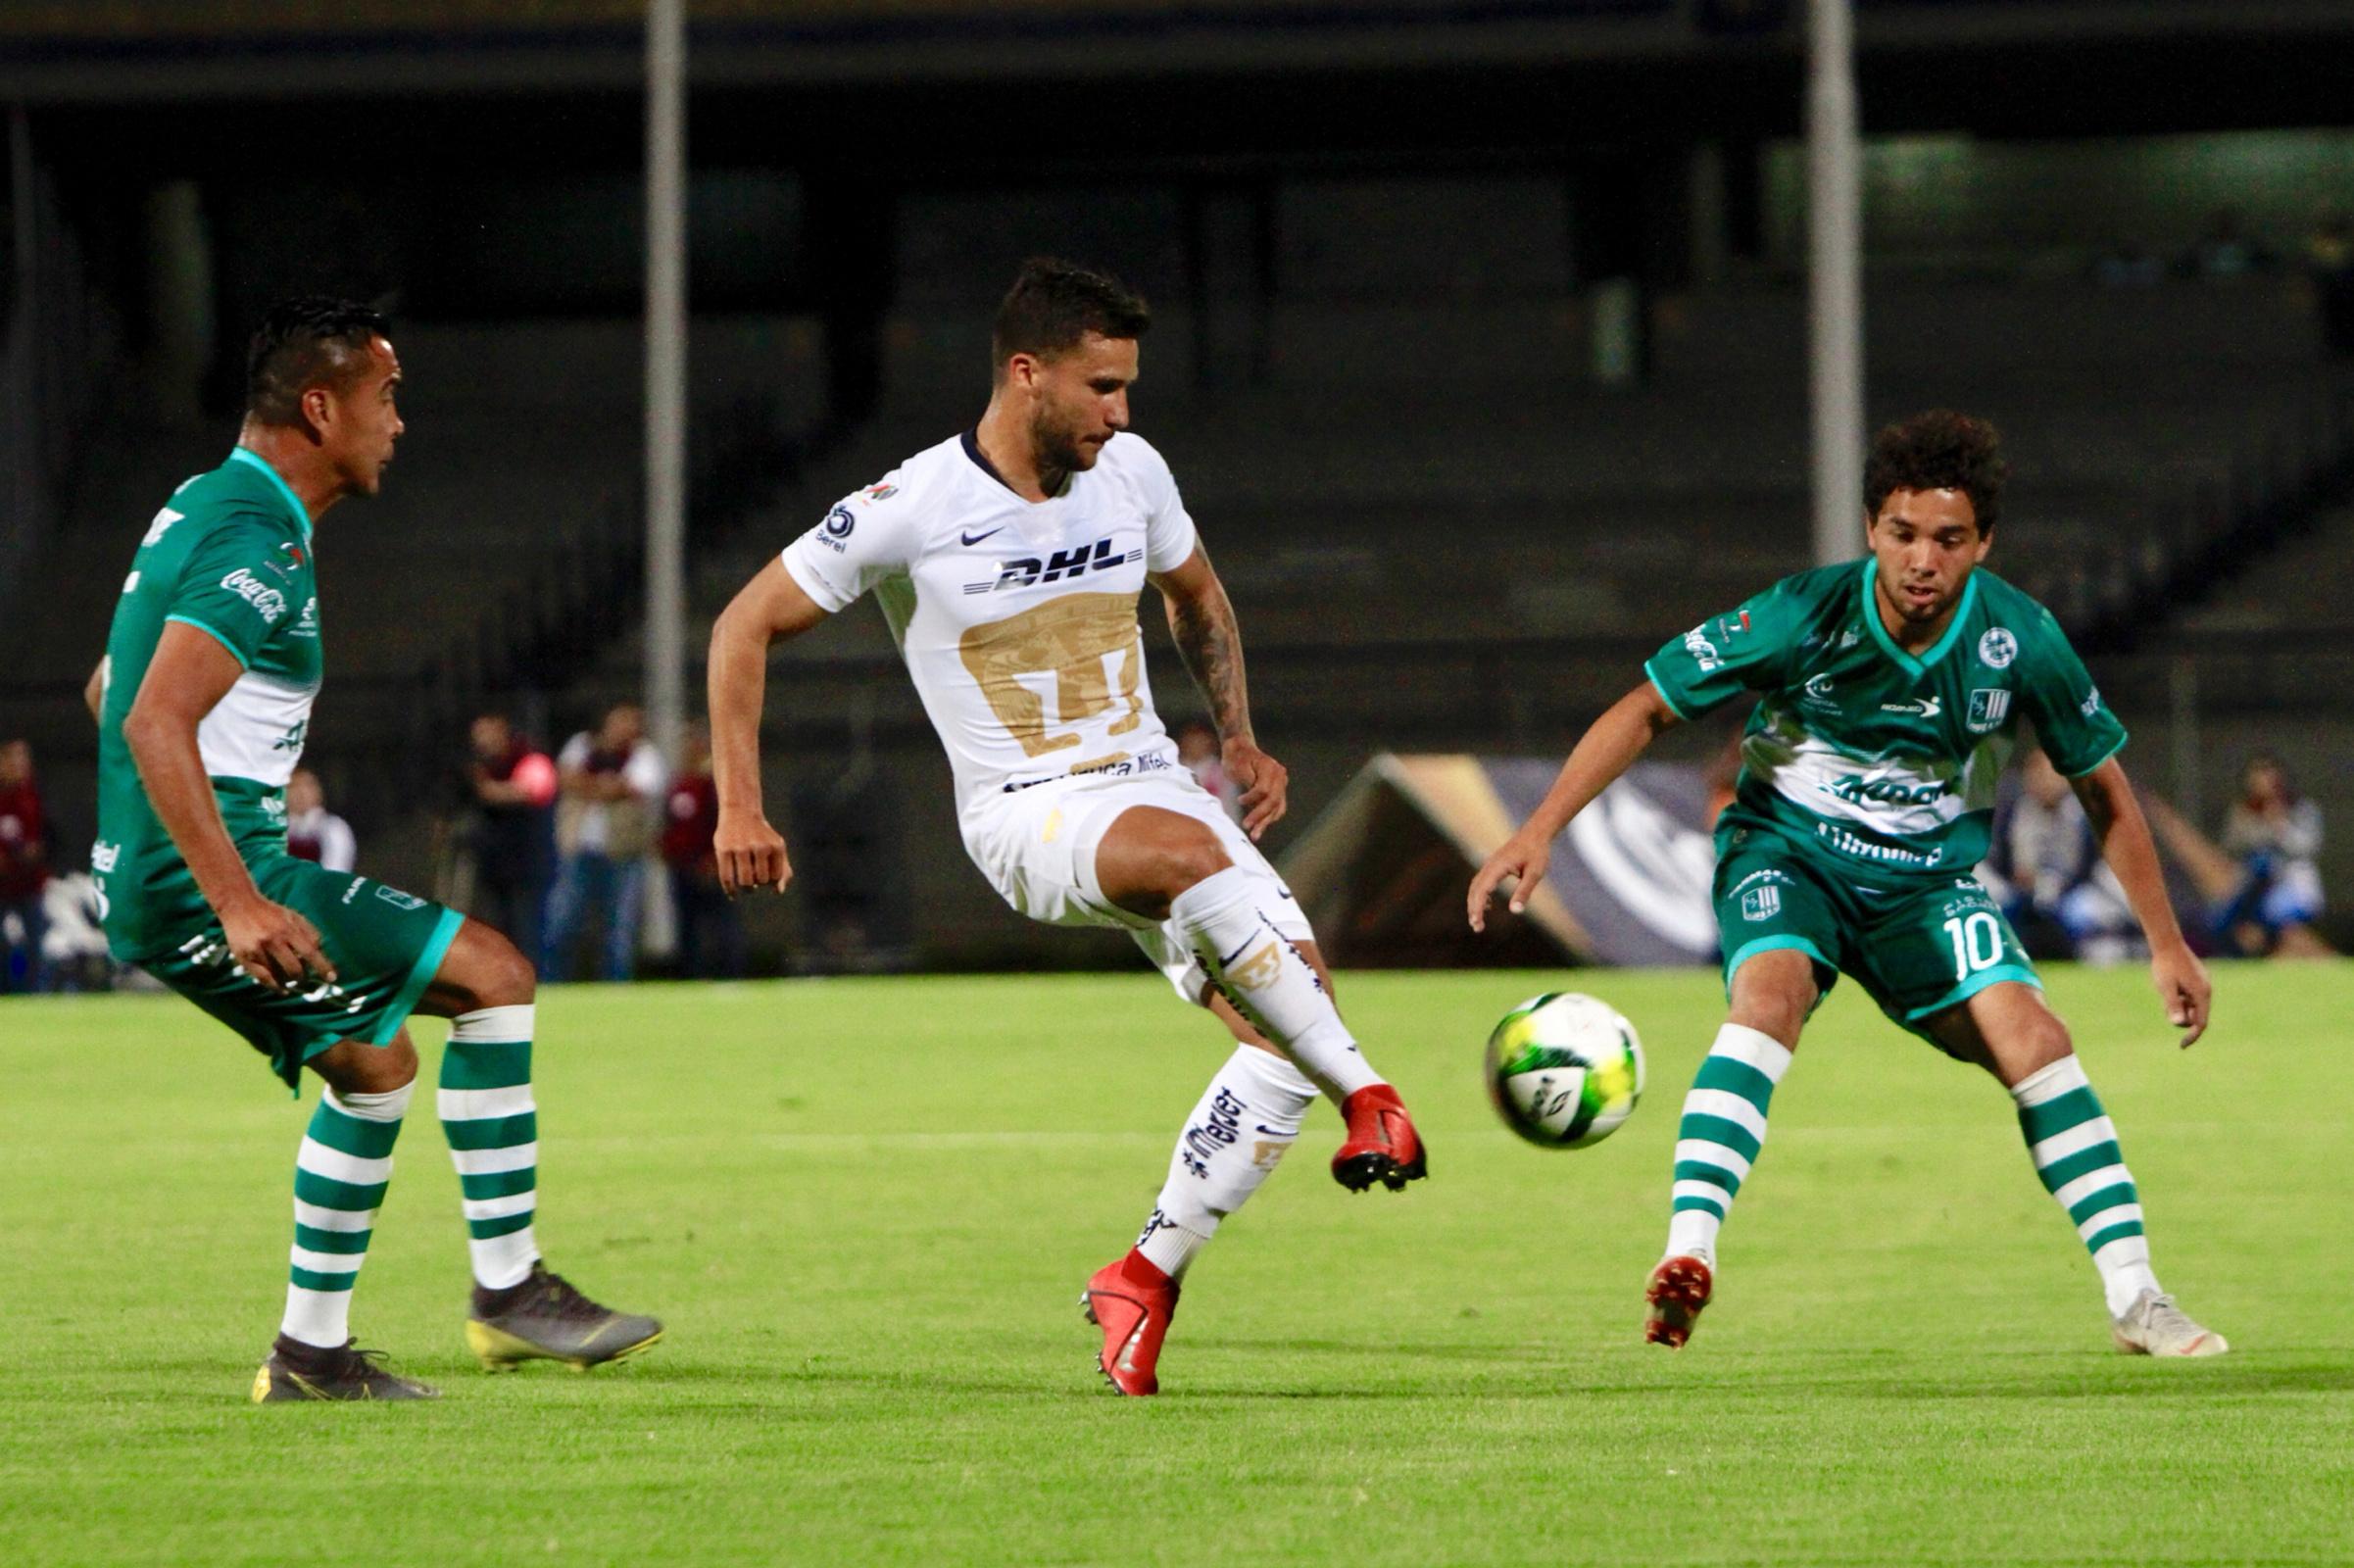 Pumas vence a Zacatepec y se cita con Dorados en cuartos de Copa MX